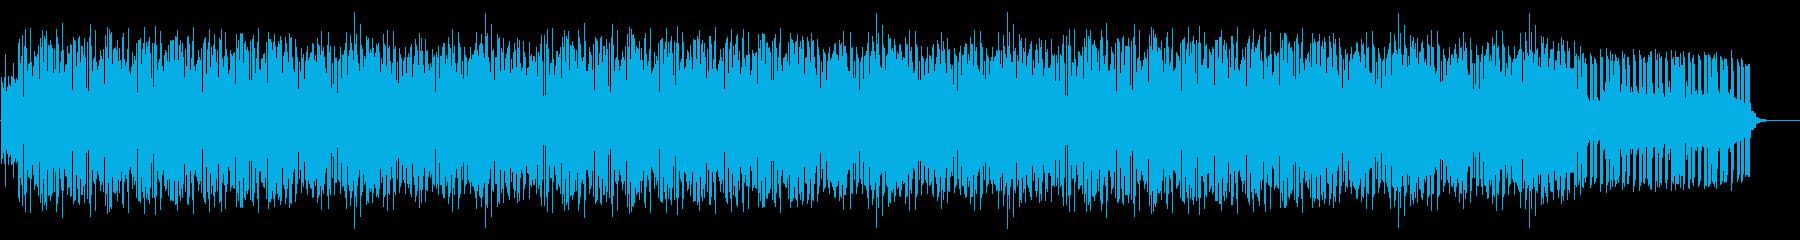 ★★追跡★潜入★ドッキリ★企画説明★★の再生済みの波形